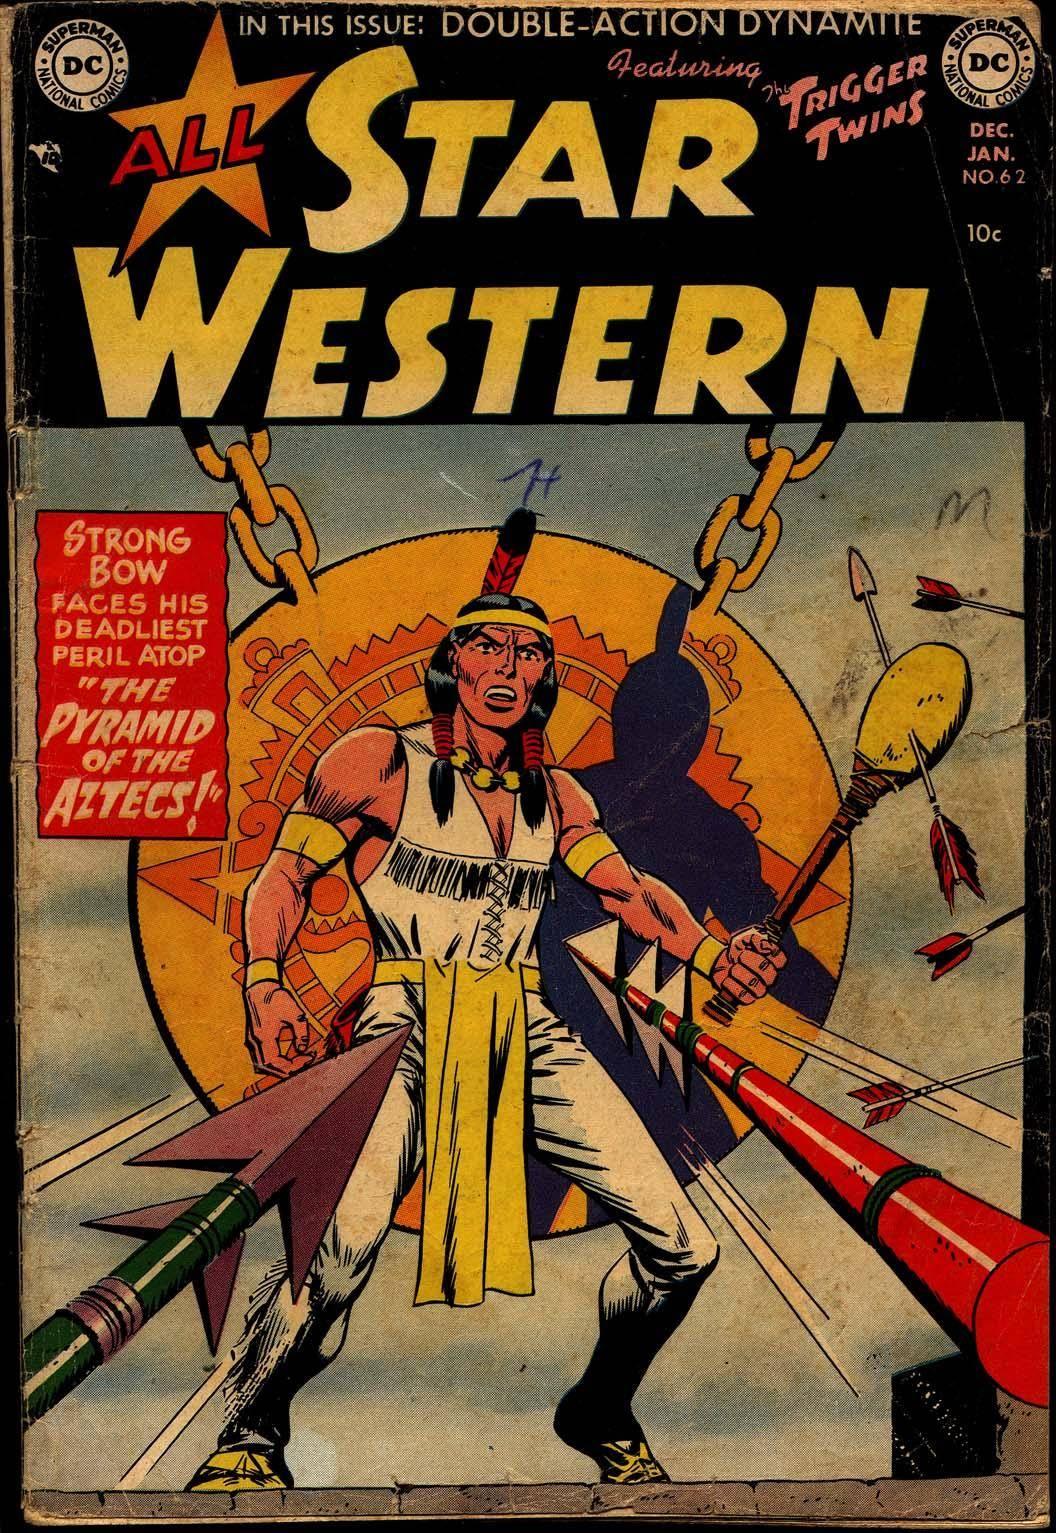 Star Western v1 062 1951-52